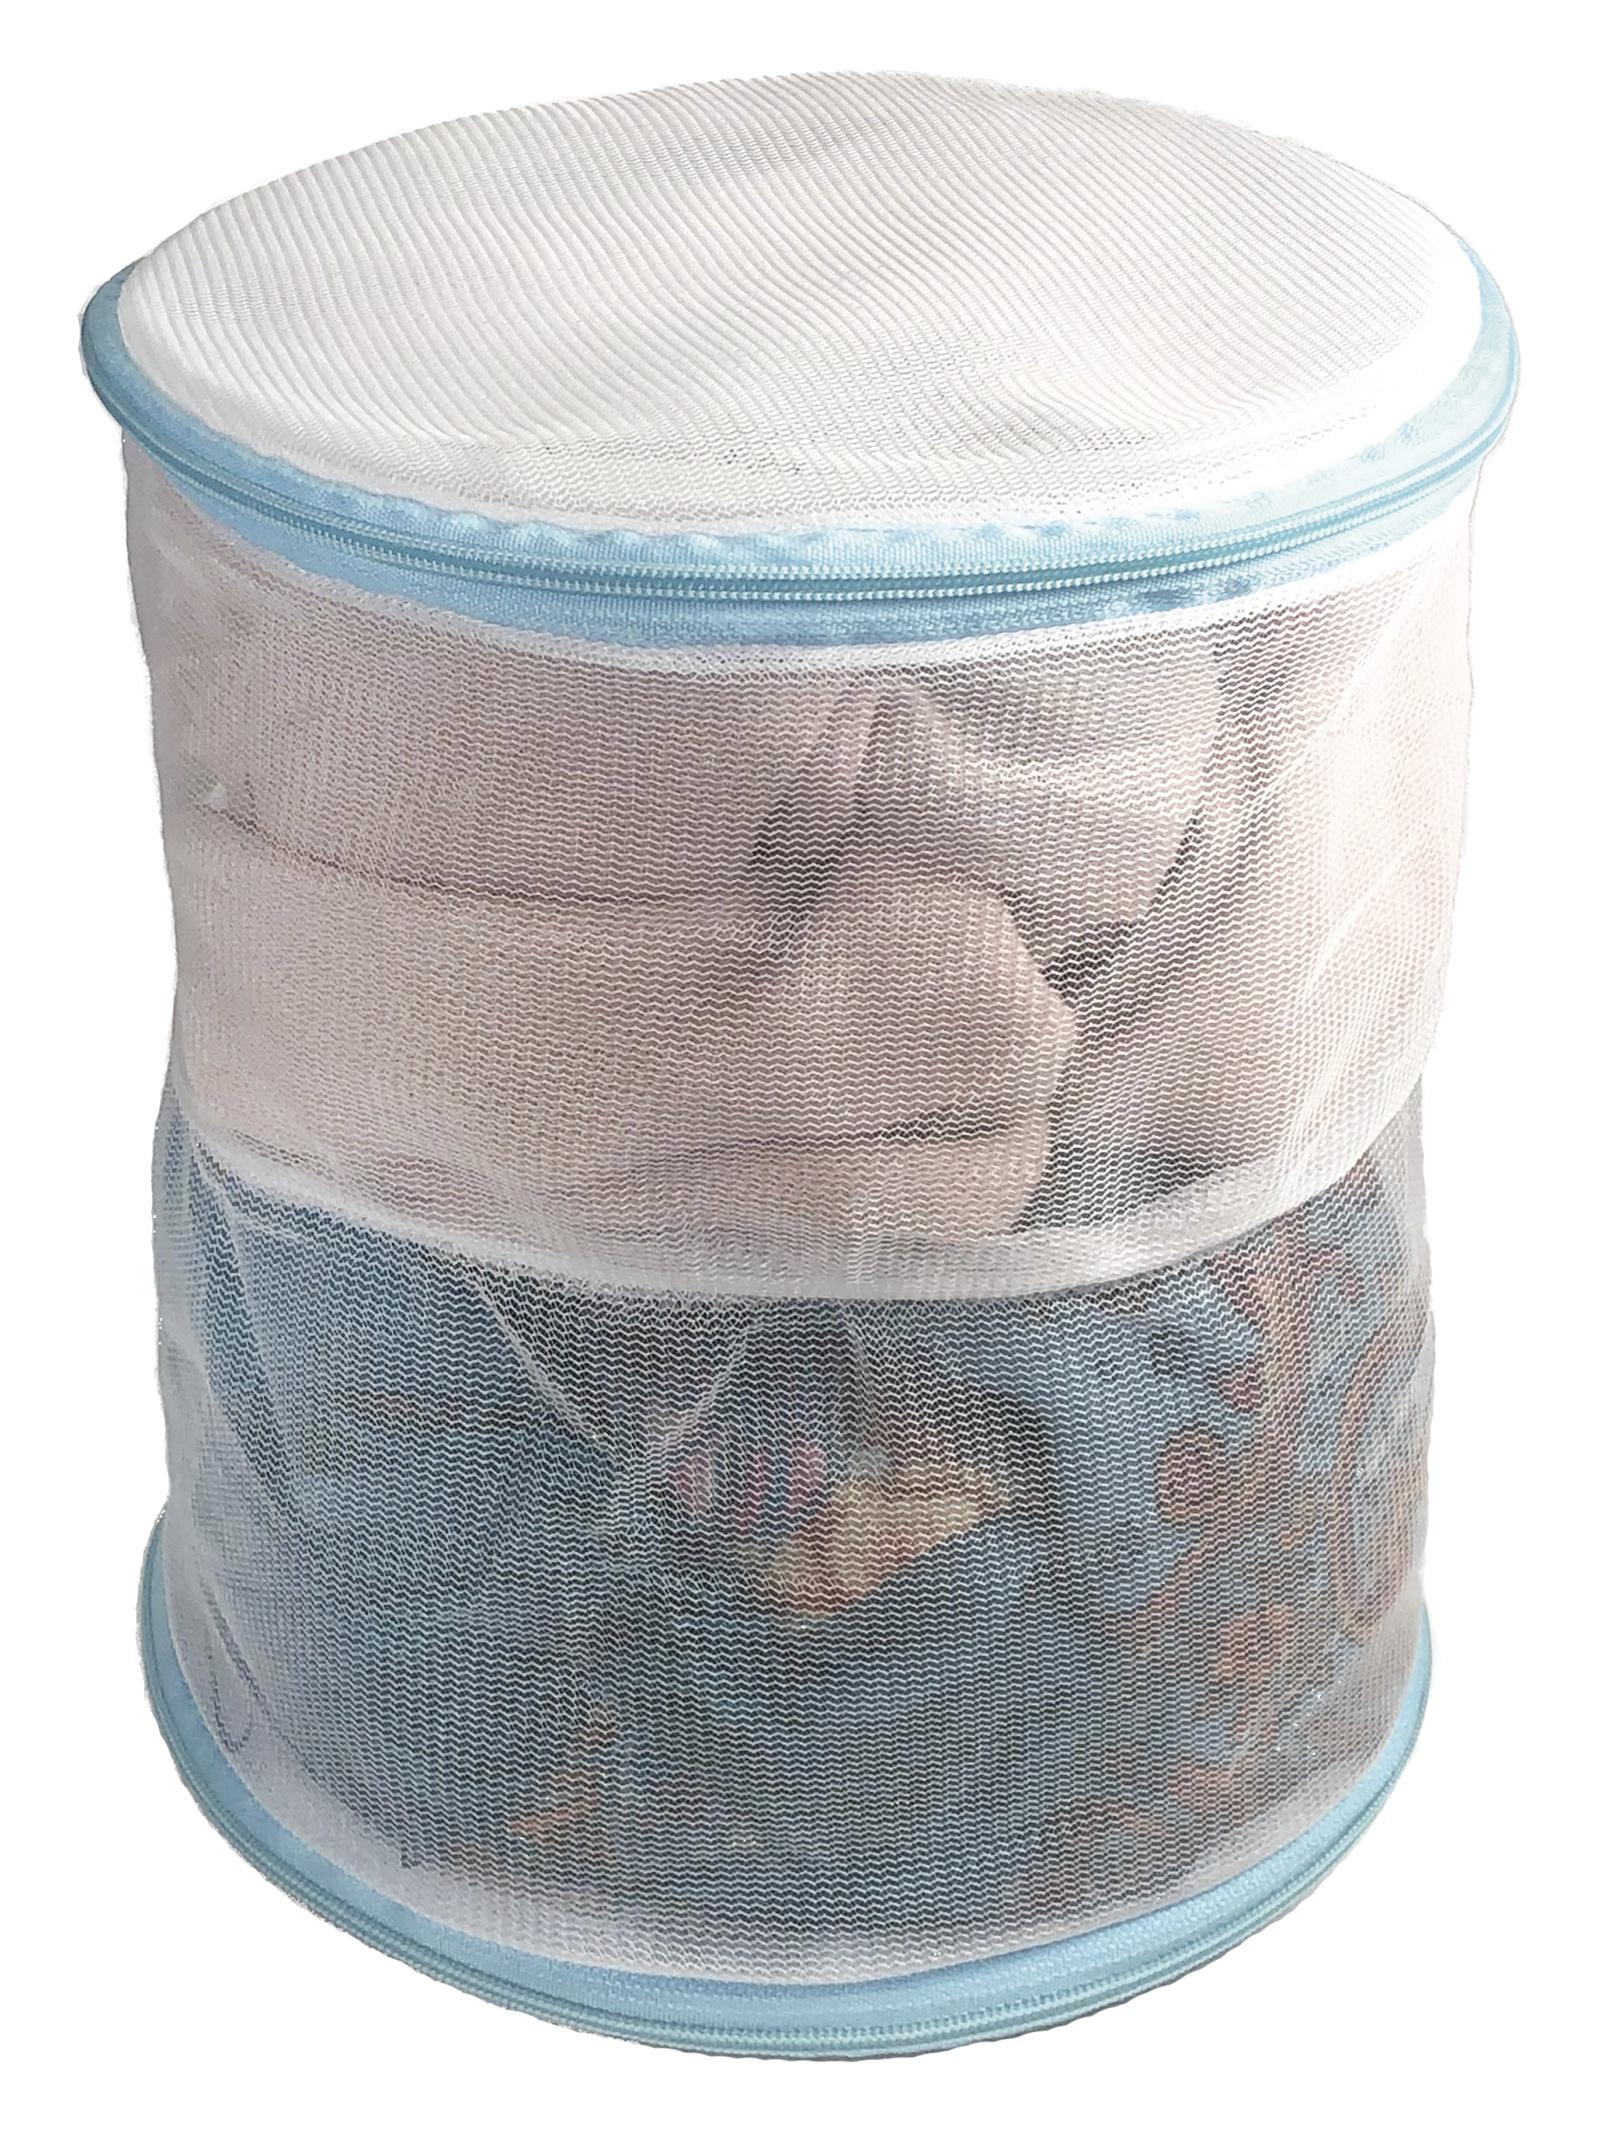 Мешок для стирки UniStor Мешок-сетка для деликатной стирки, Полиэстер, Пластик fly lady мешок д деликатной стирки fl 402